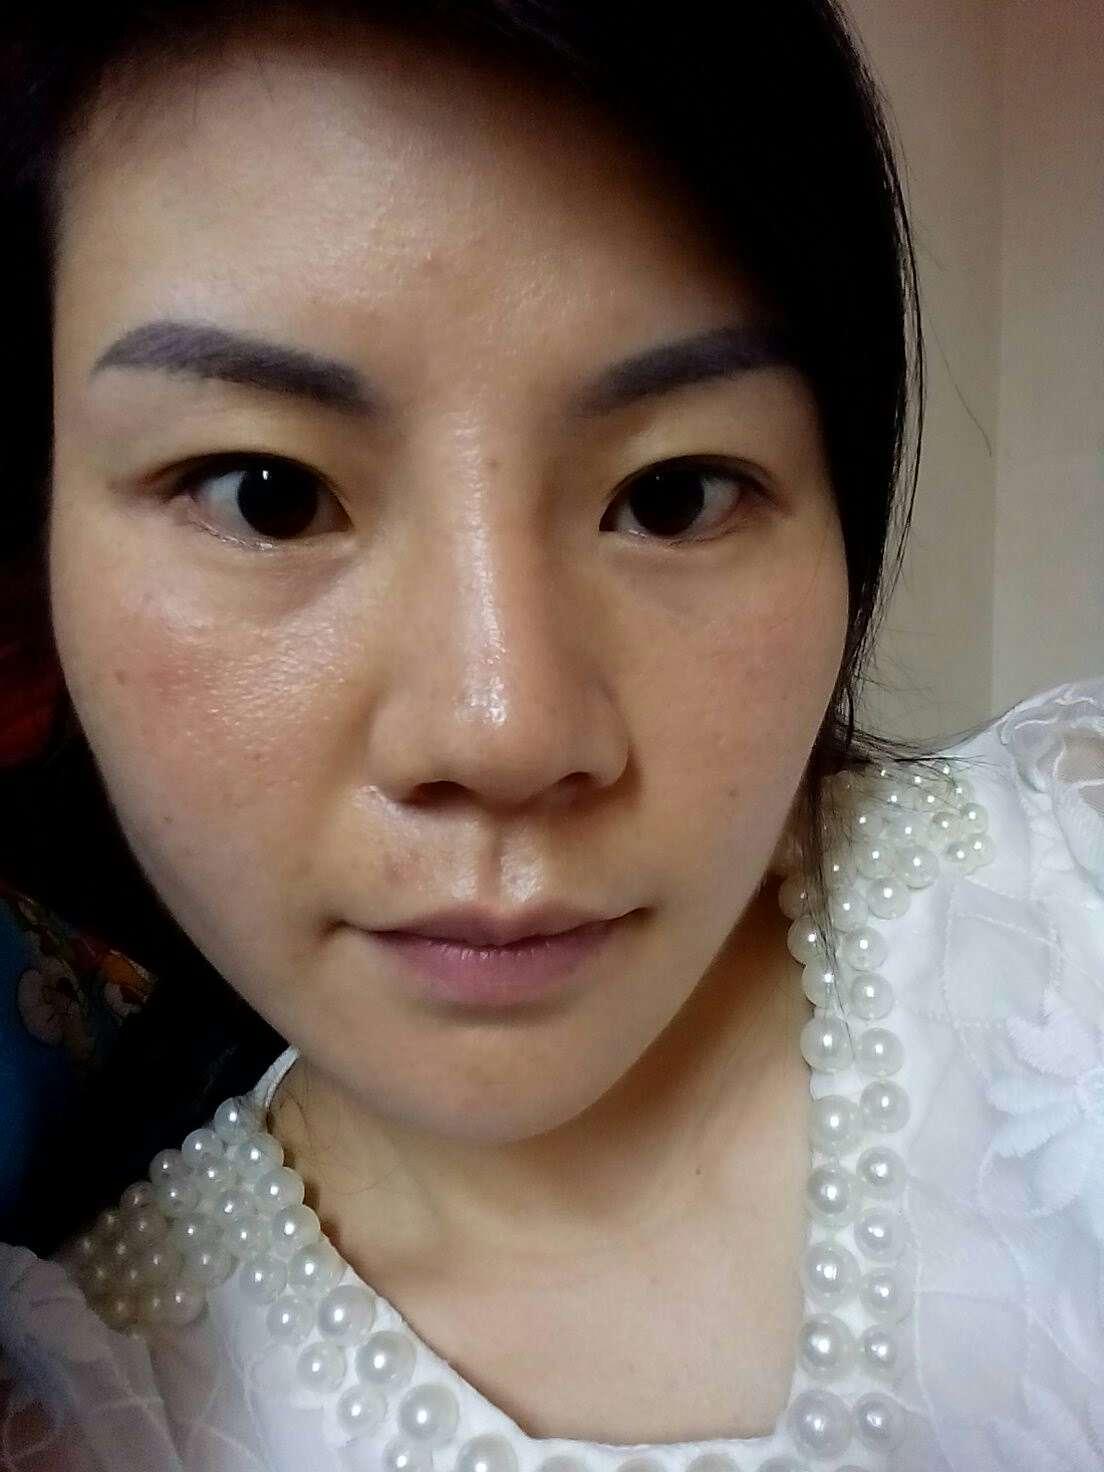 眉形有哪几种,很多朋友说我应该换个眉型,不知道该换还是不该